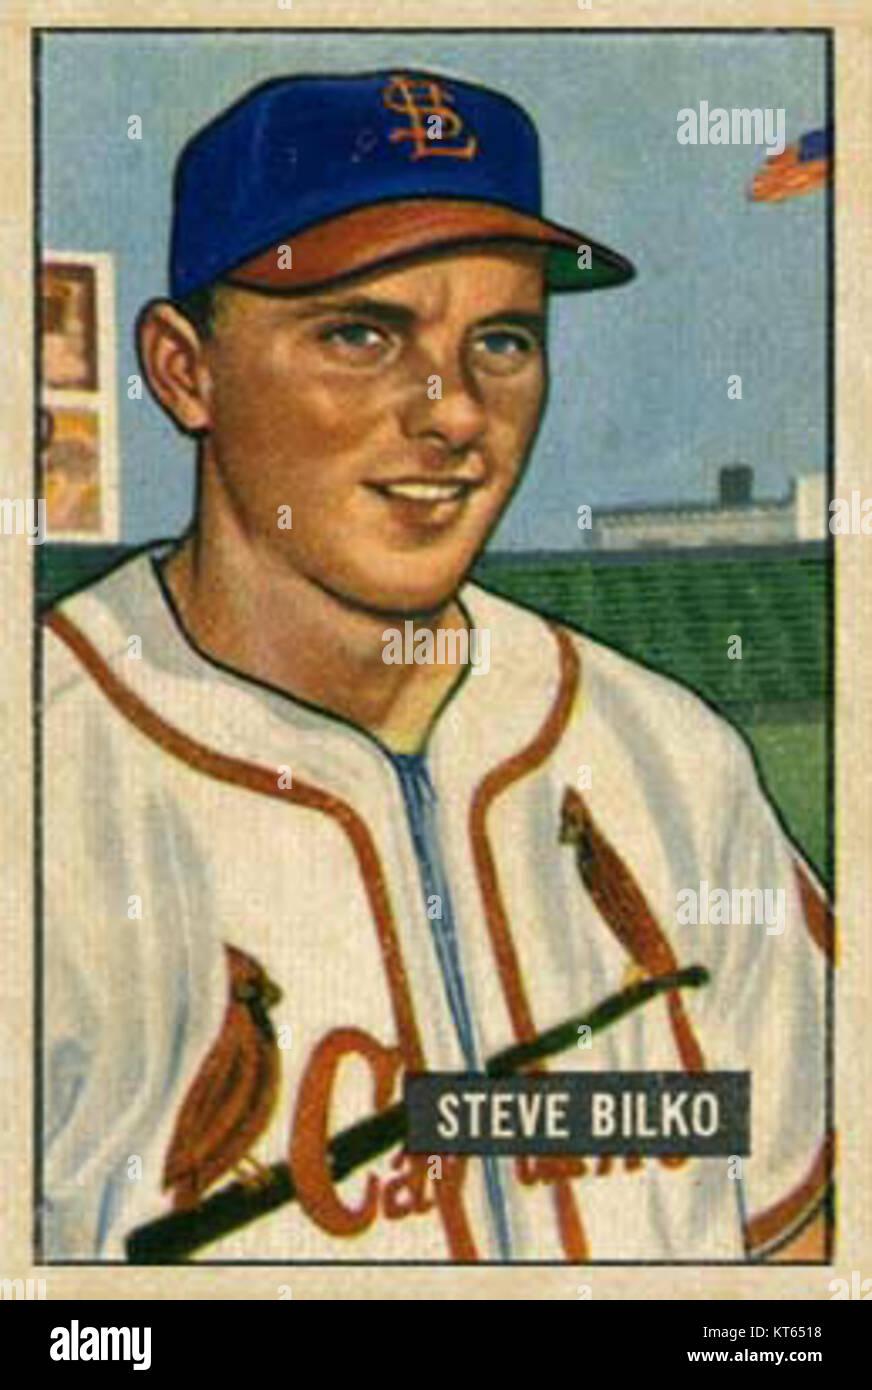 Steve Bilko - Stock Image